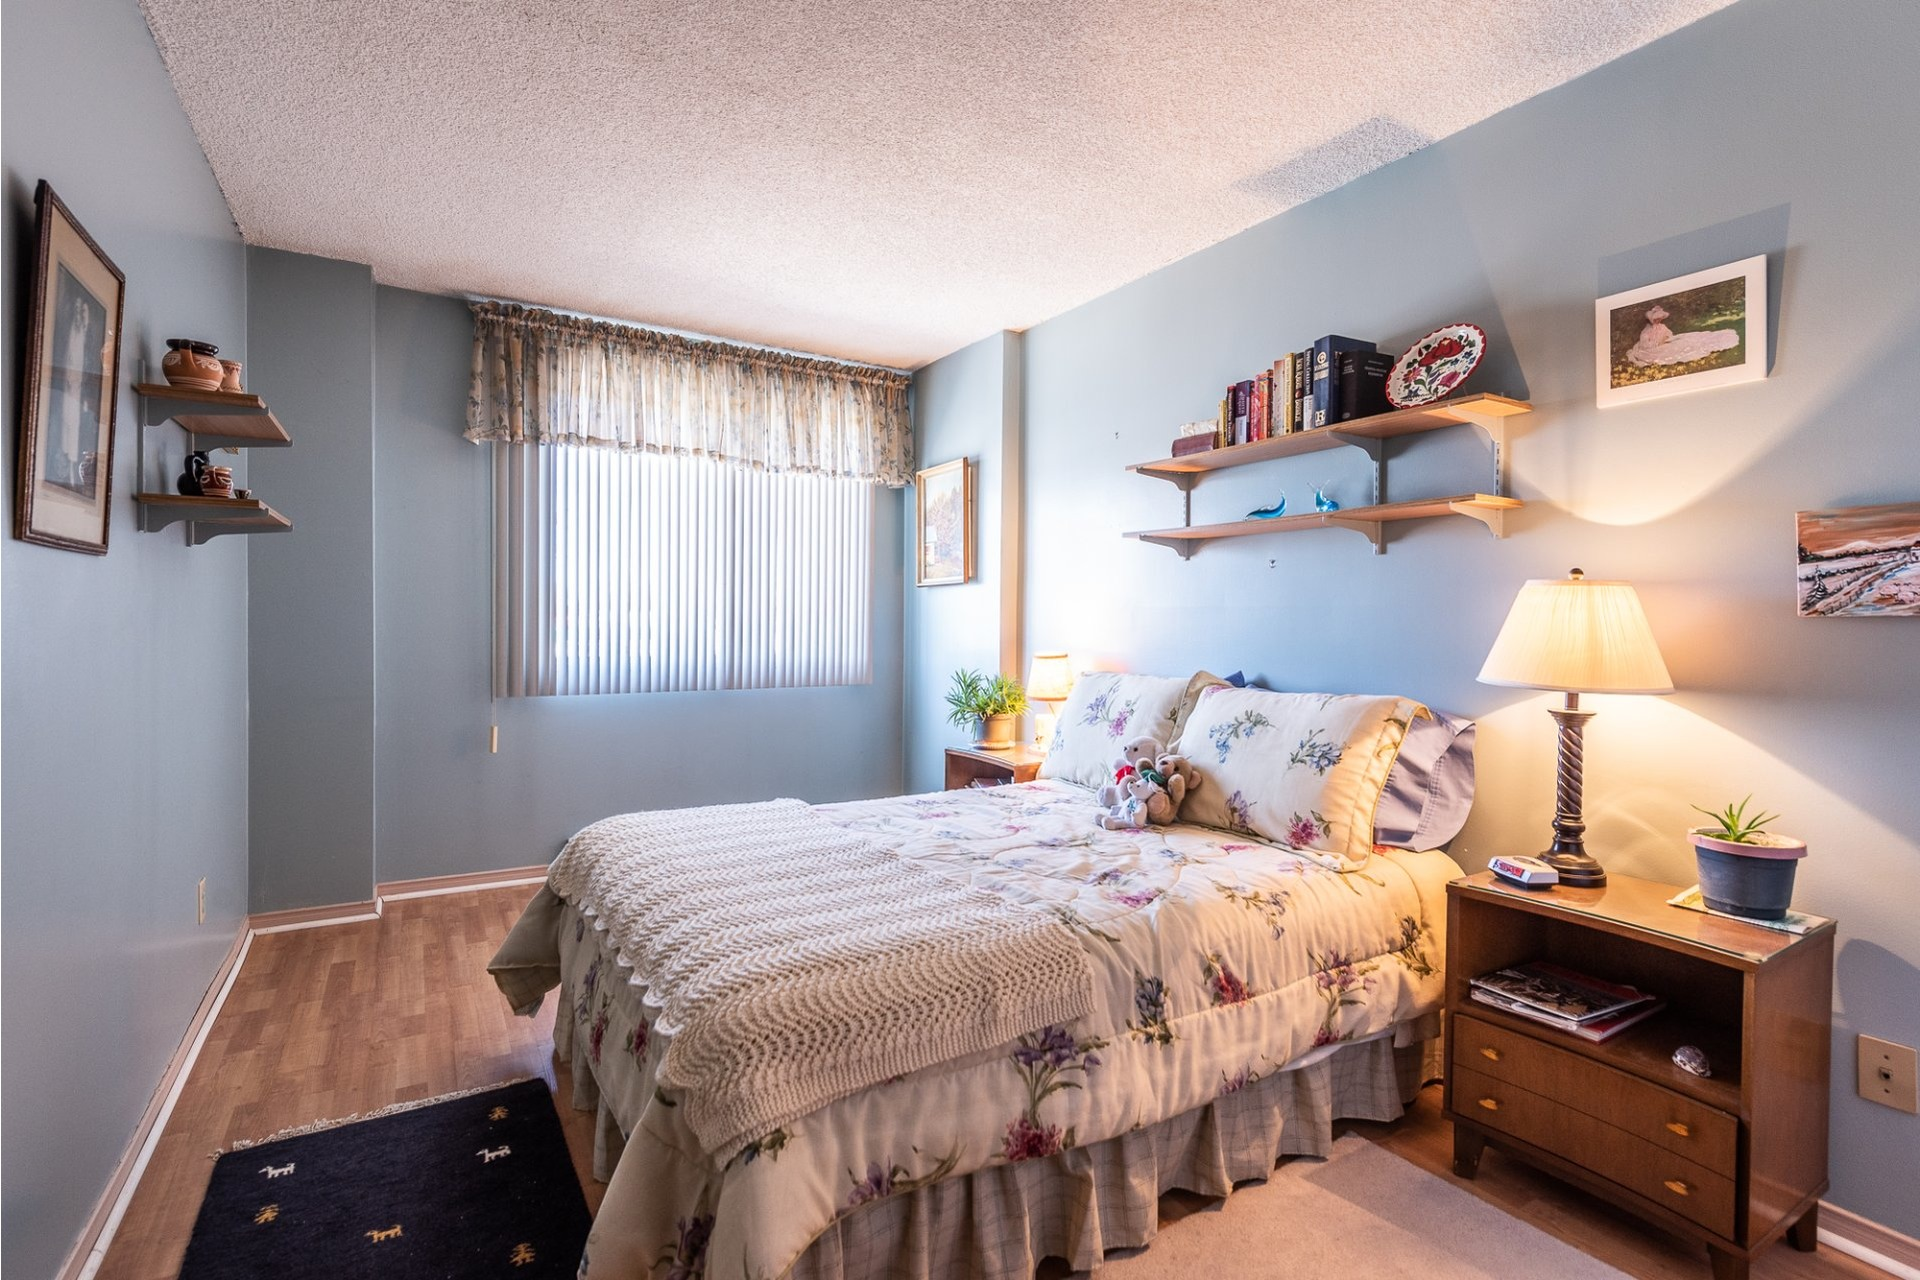 image 15 - Apartment For sale Montréal Saint-Laurent  - 5 rooms